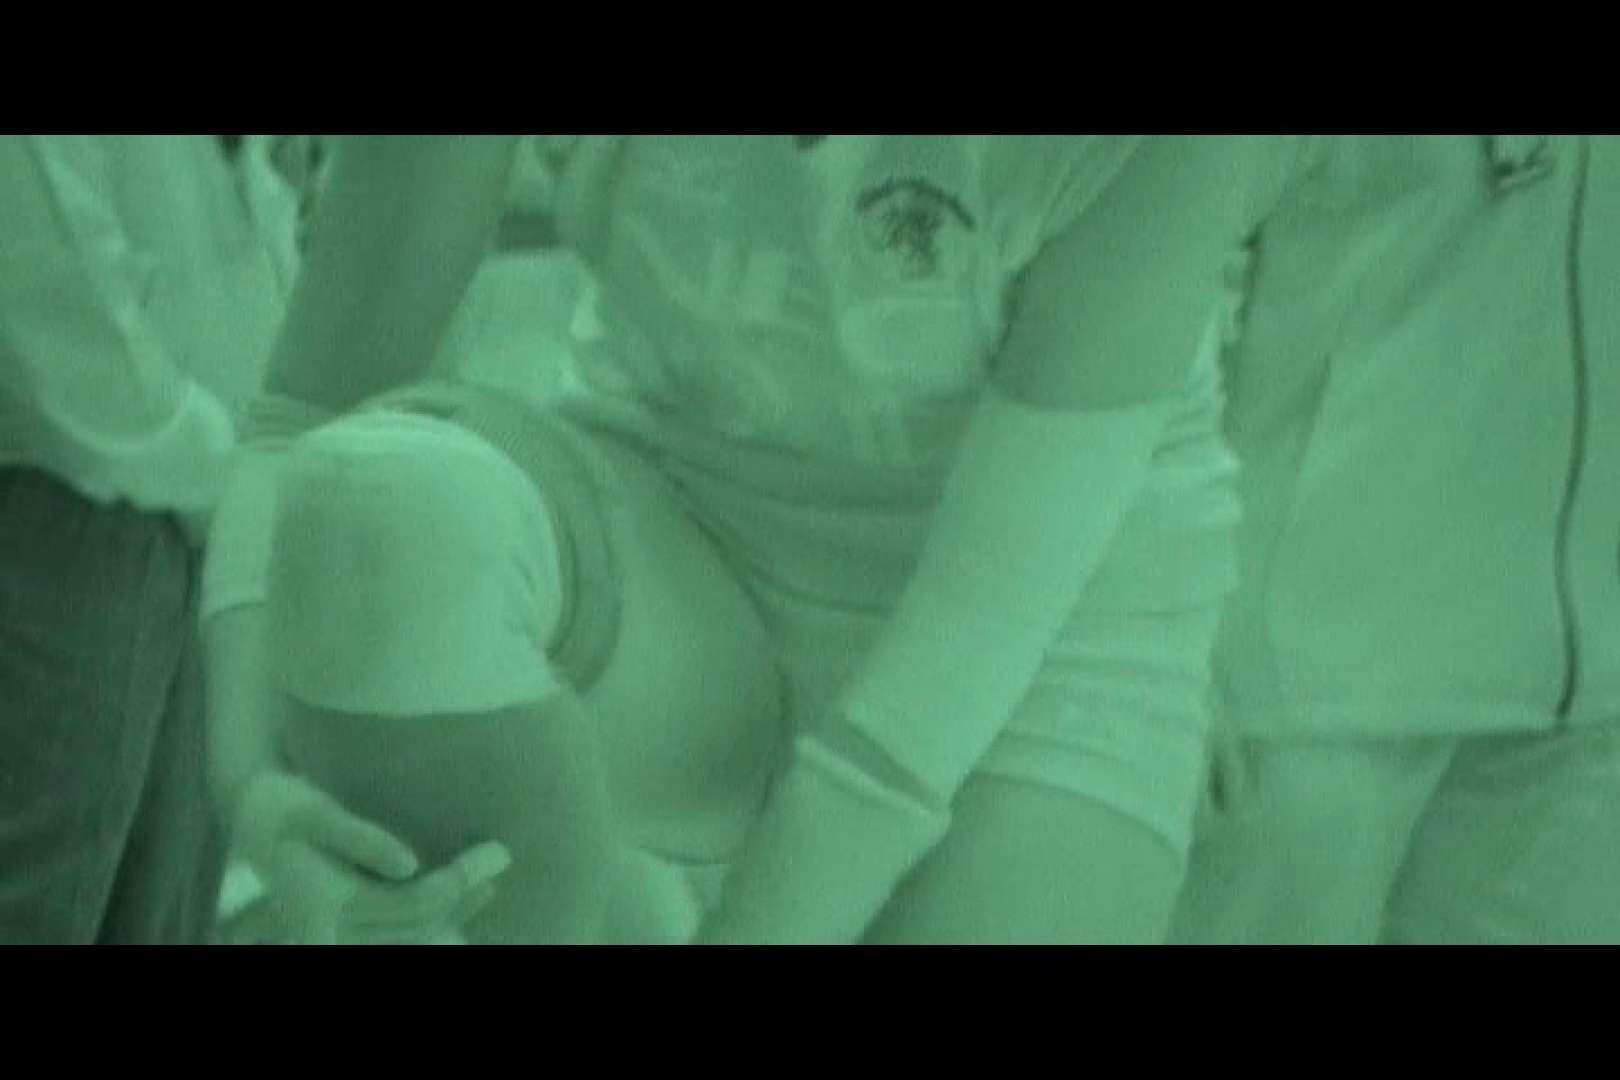 赤外線ムレスケバレー(汗) vol.03 アスリート AV無料動画キャプチャ 58連発 47